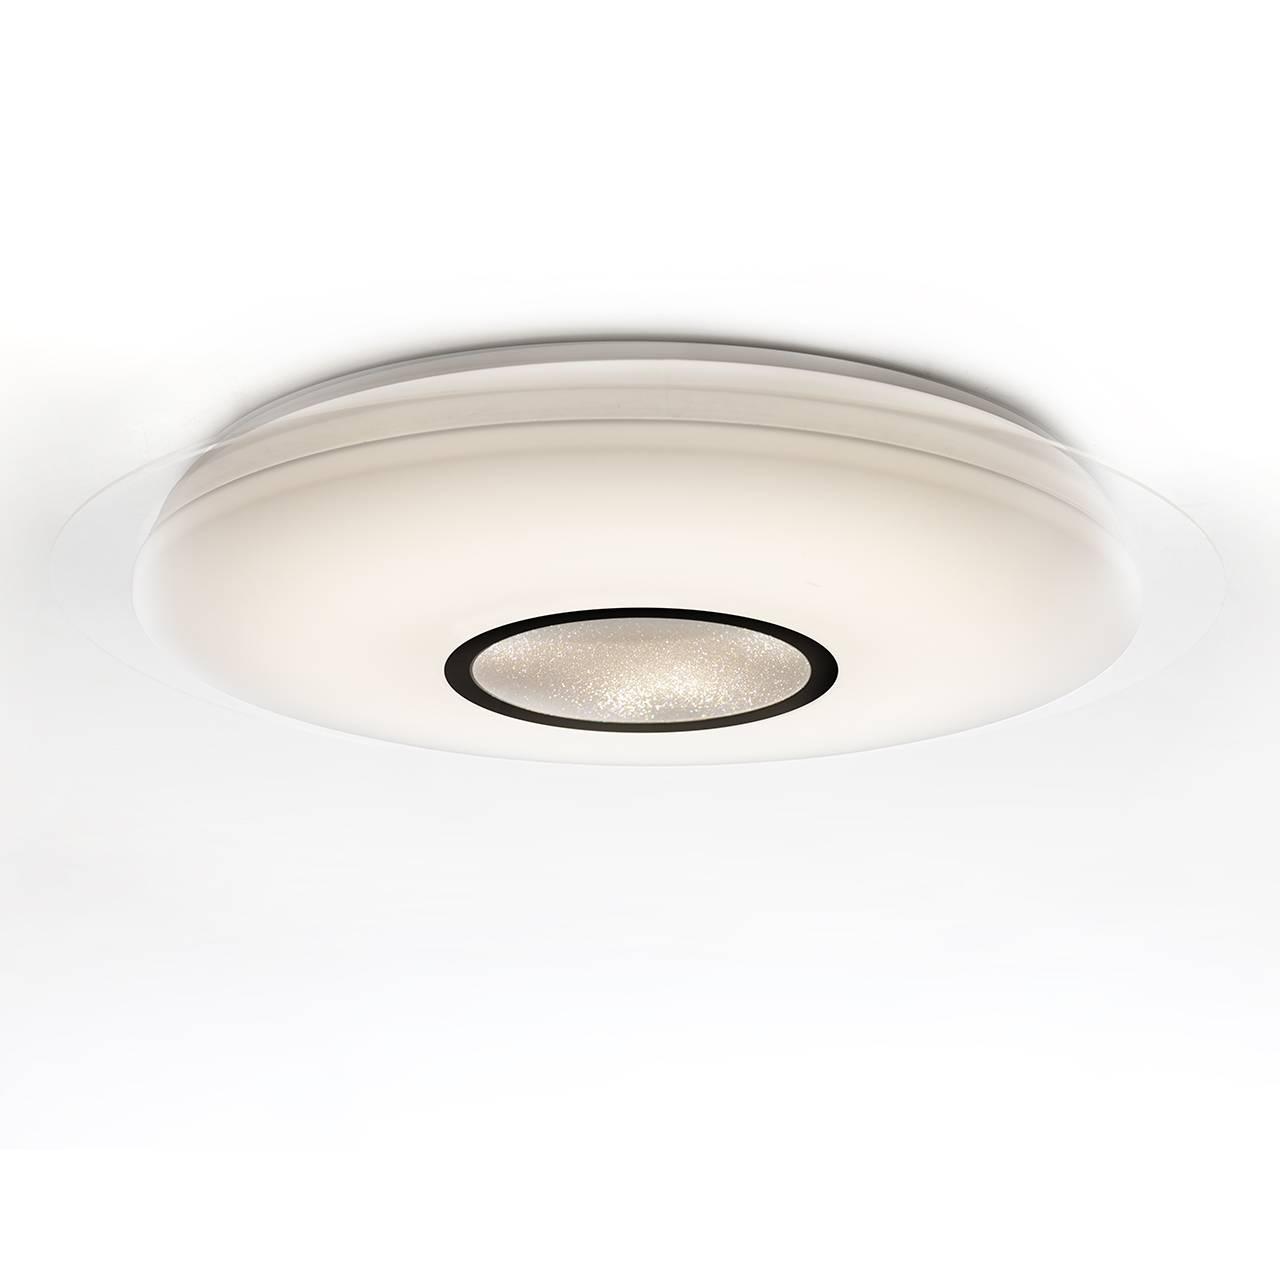 Потолочный светодиодный светильник с пультом ду    Diamante